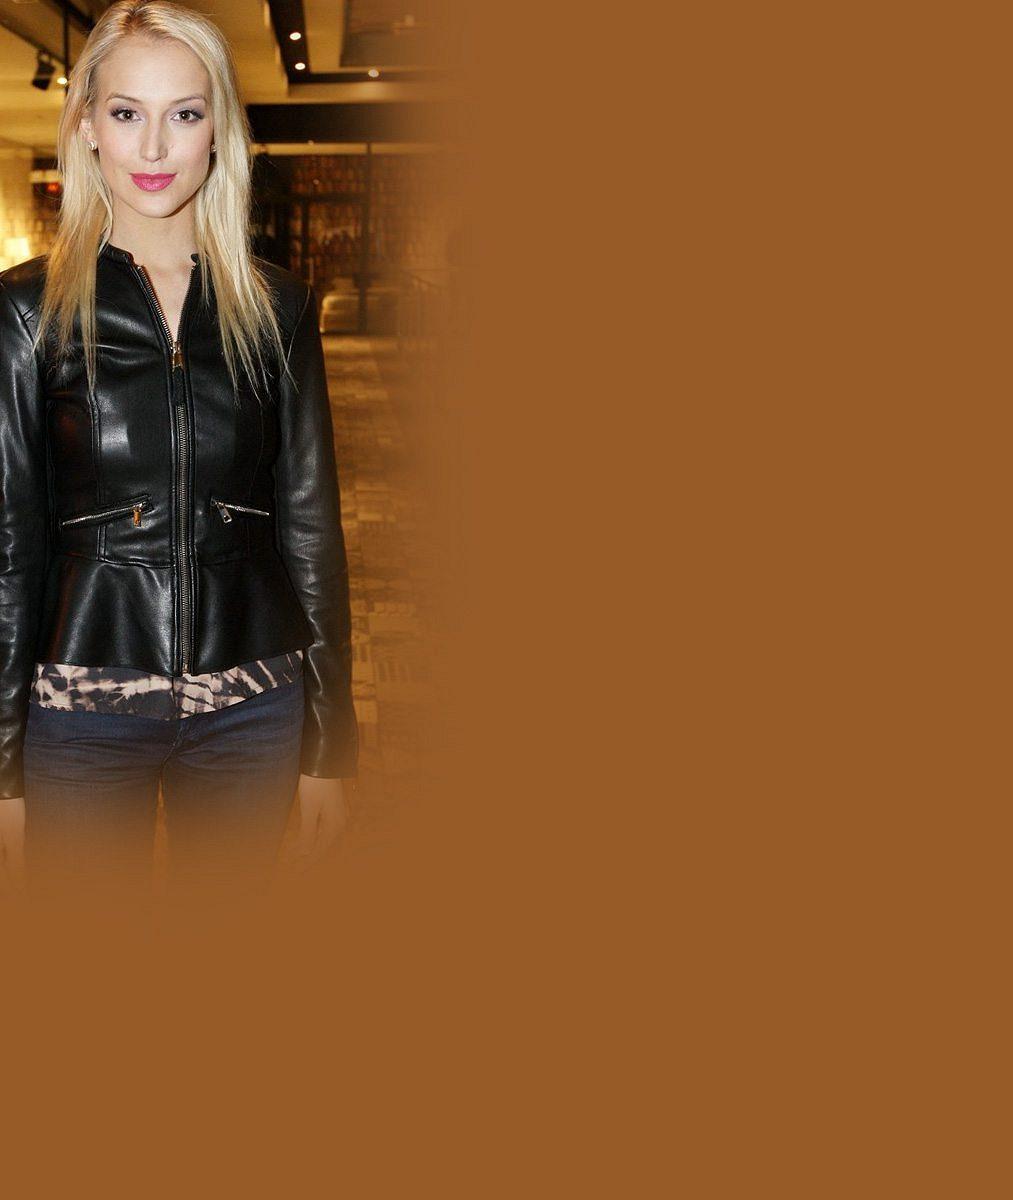 Závidíte jí? Manžel Roman Vojtek vídá tuhle půvabnou blondýnku nejraději bez make-upu